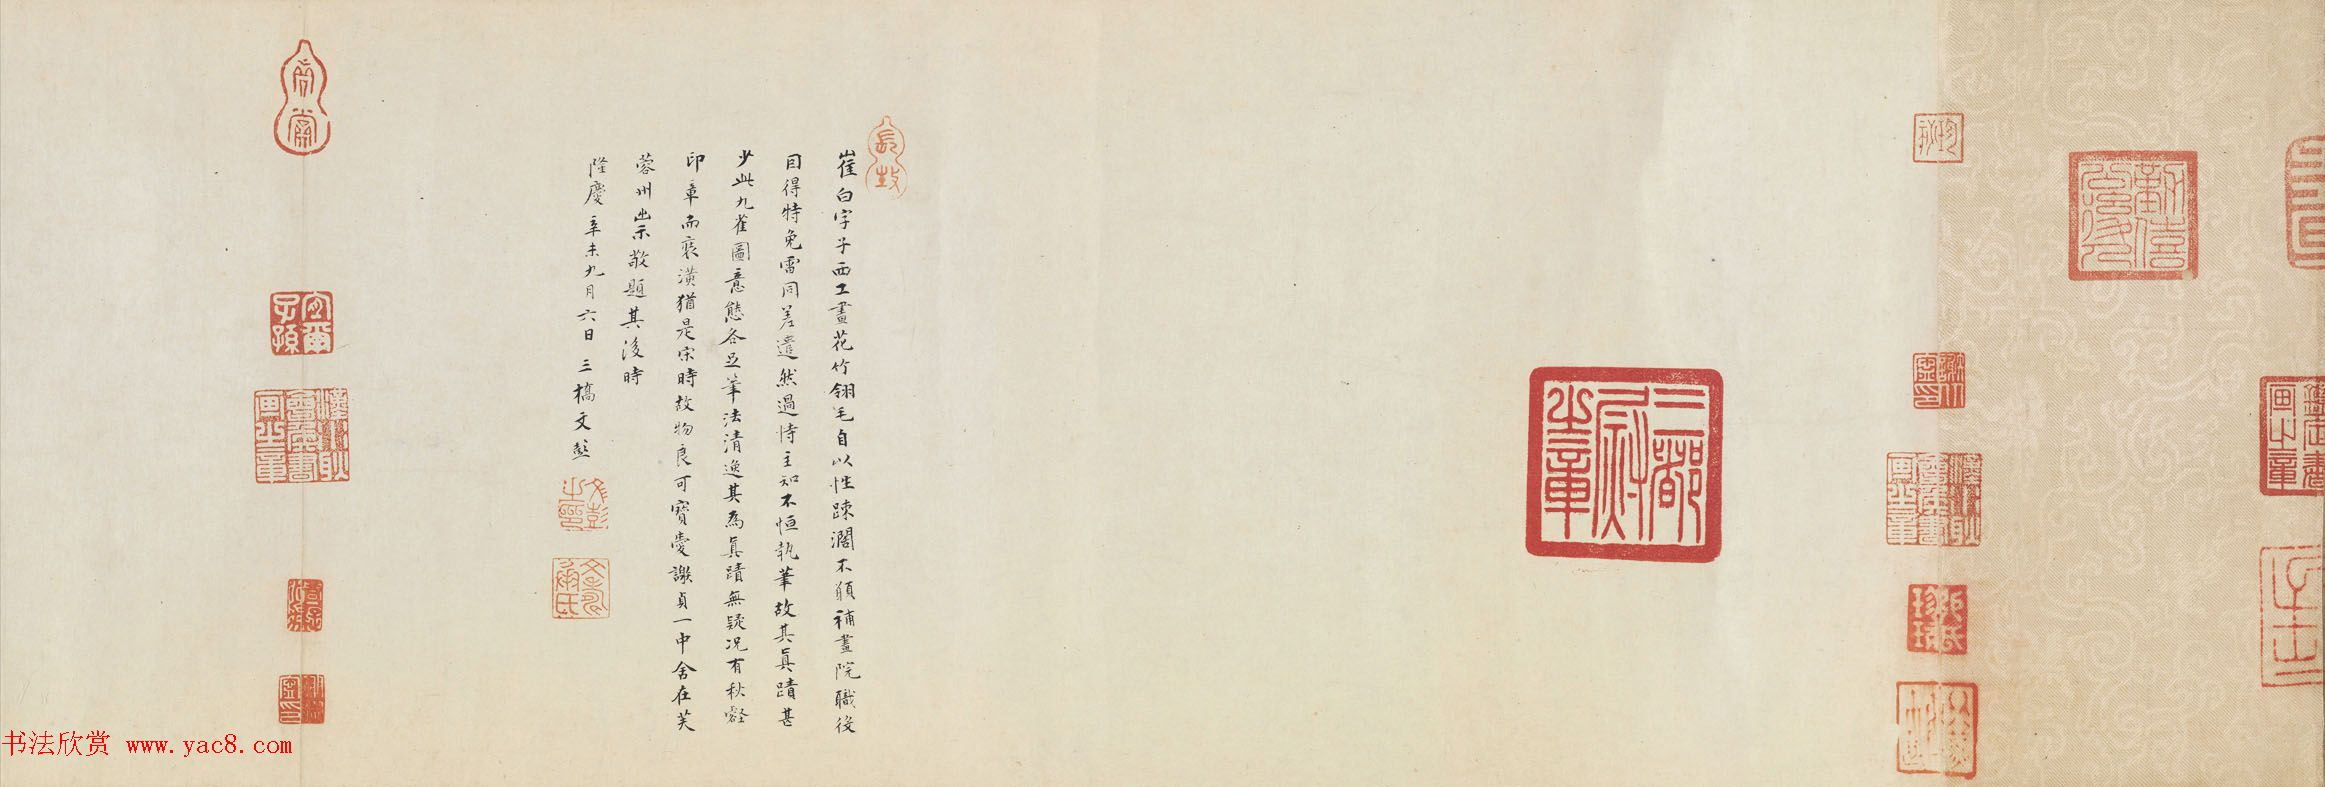 北宋崔白寒雀图卷北京故宫博物院藏